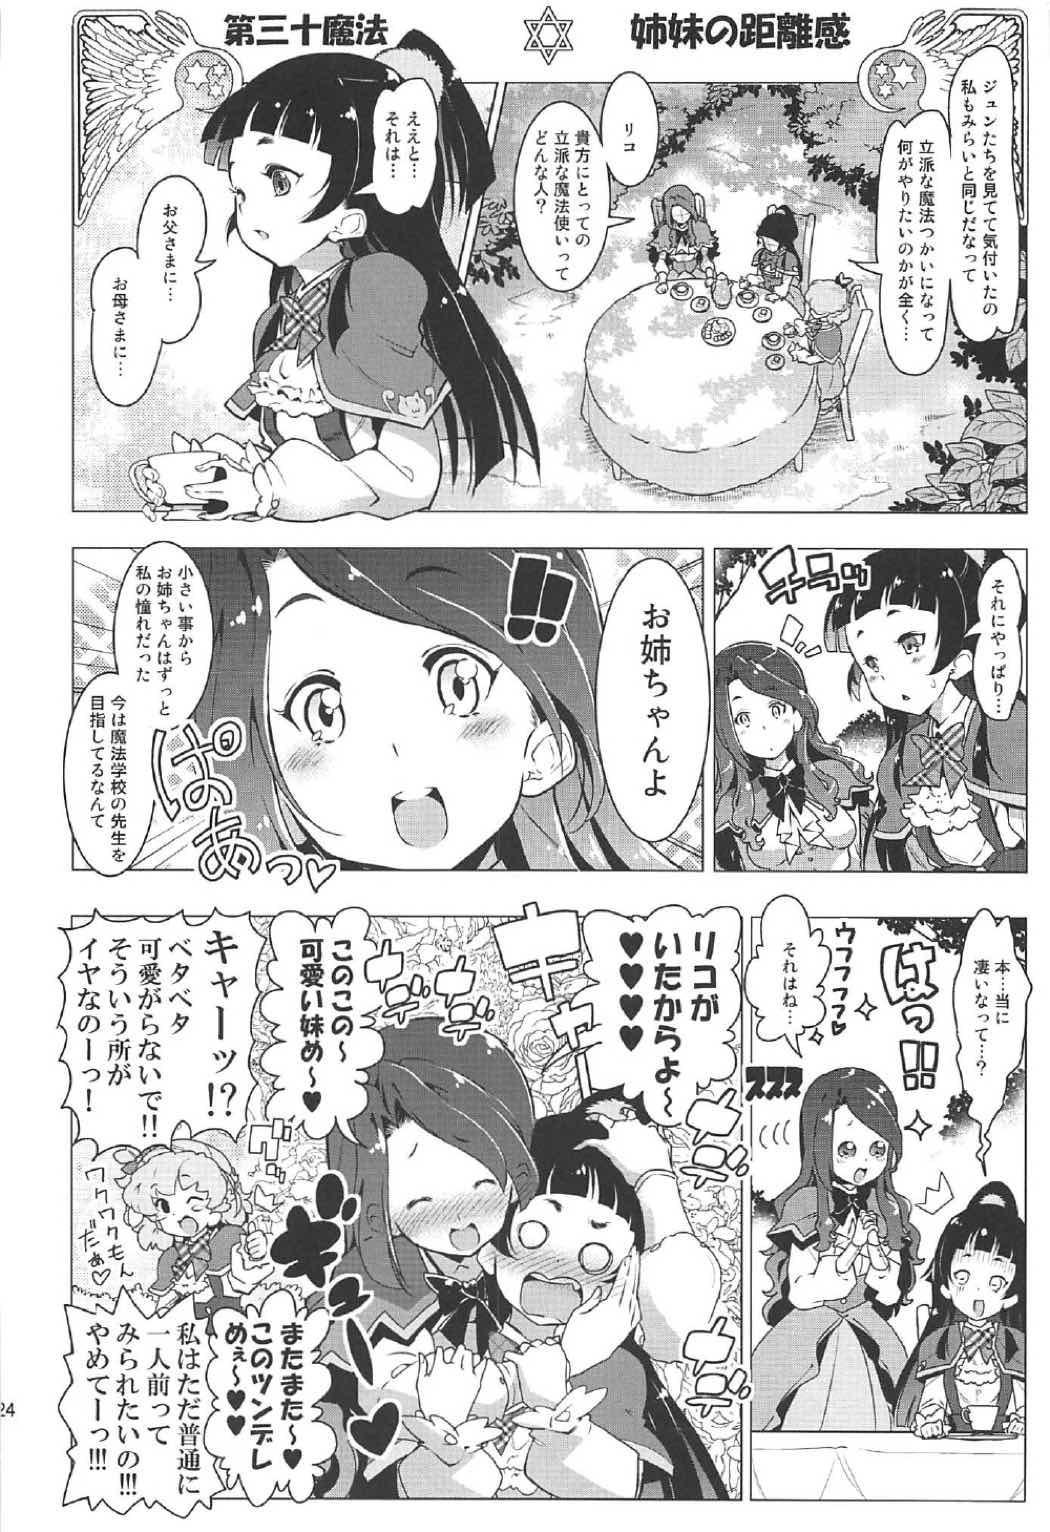 Yuri Mahou wa Himitsu no Kaori 4 22